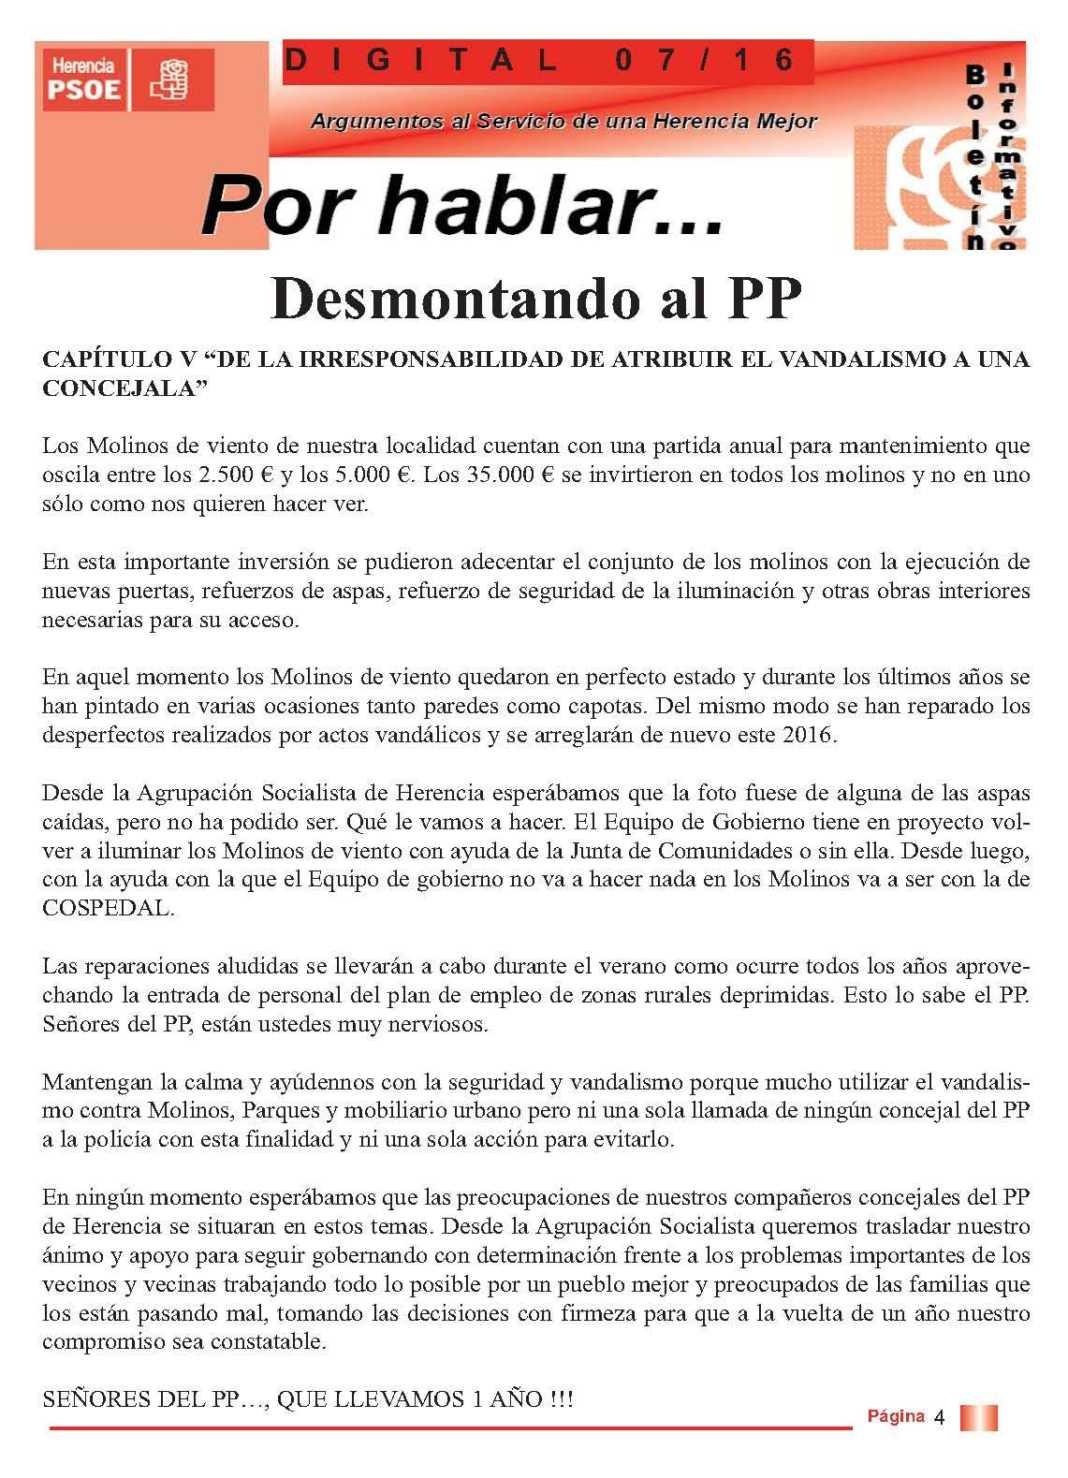 boletin informatico psoe herencia desmontando al pp 4 1068x1478 - PSOE responde al boletín del PP con otro boletín